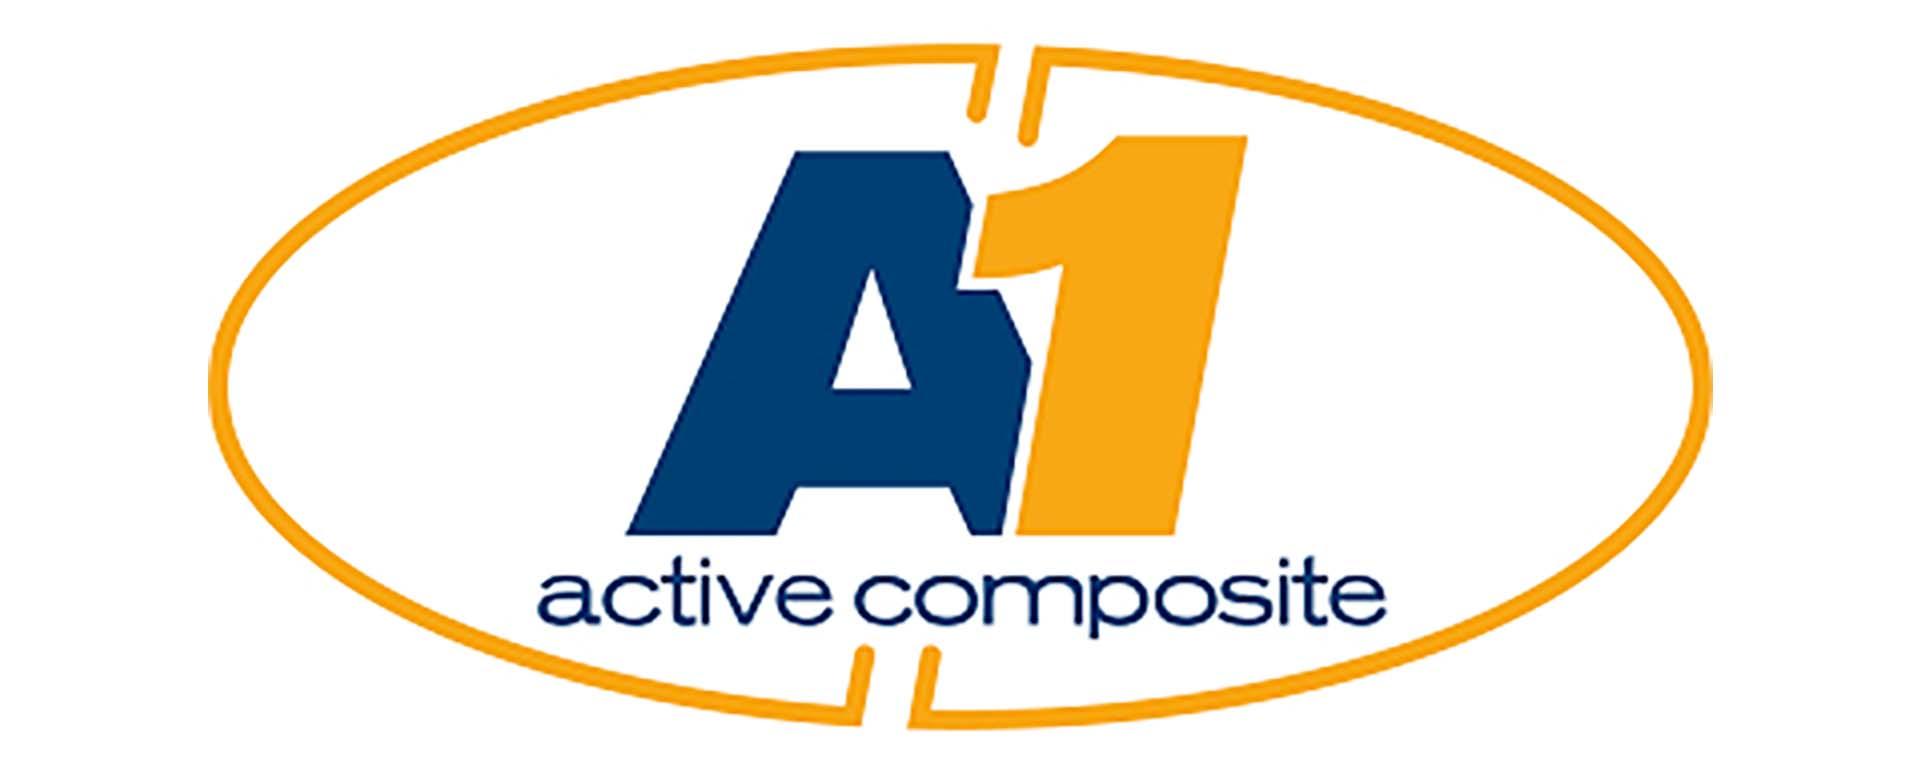 A1 logo 768x1920